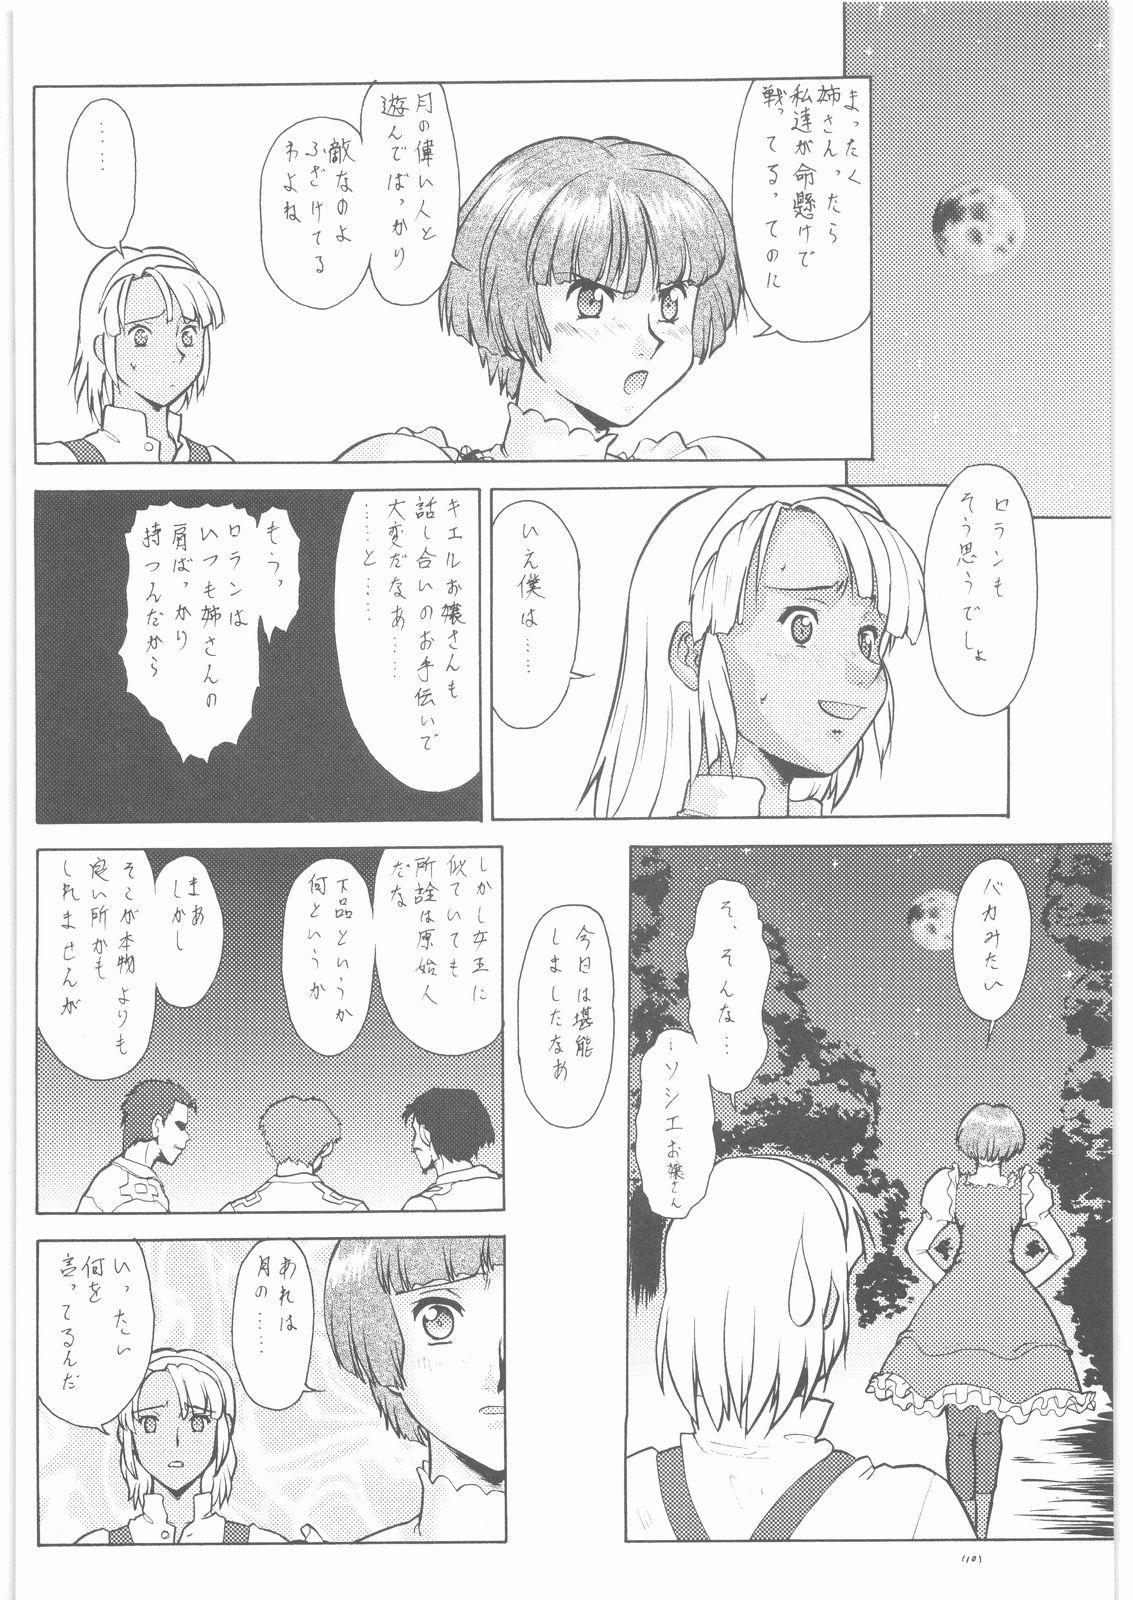 Umedamangashuu 12 Shito 16